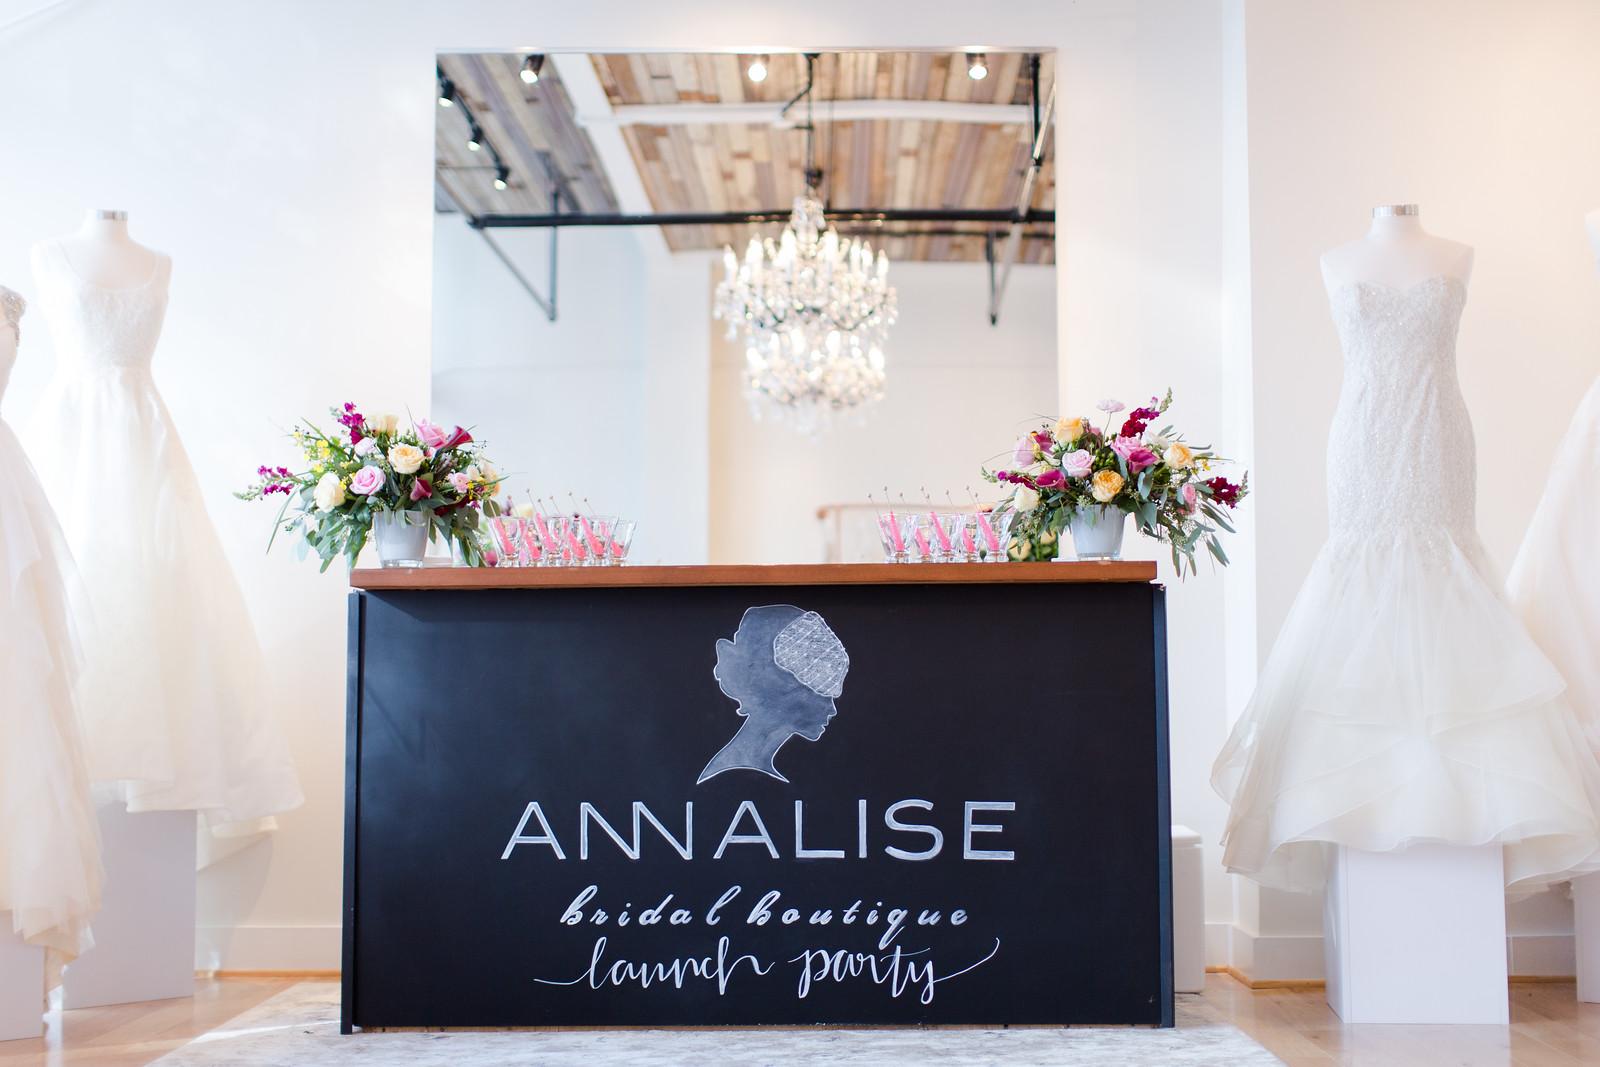 f15729ed129a Annalise Bridal Boutique Launch Party — The Proper Petal